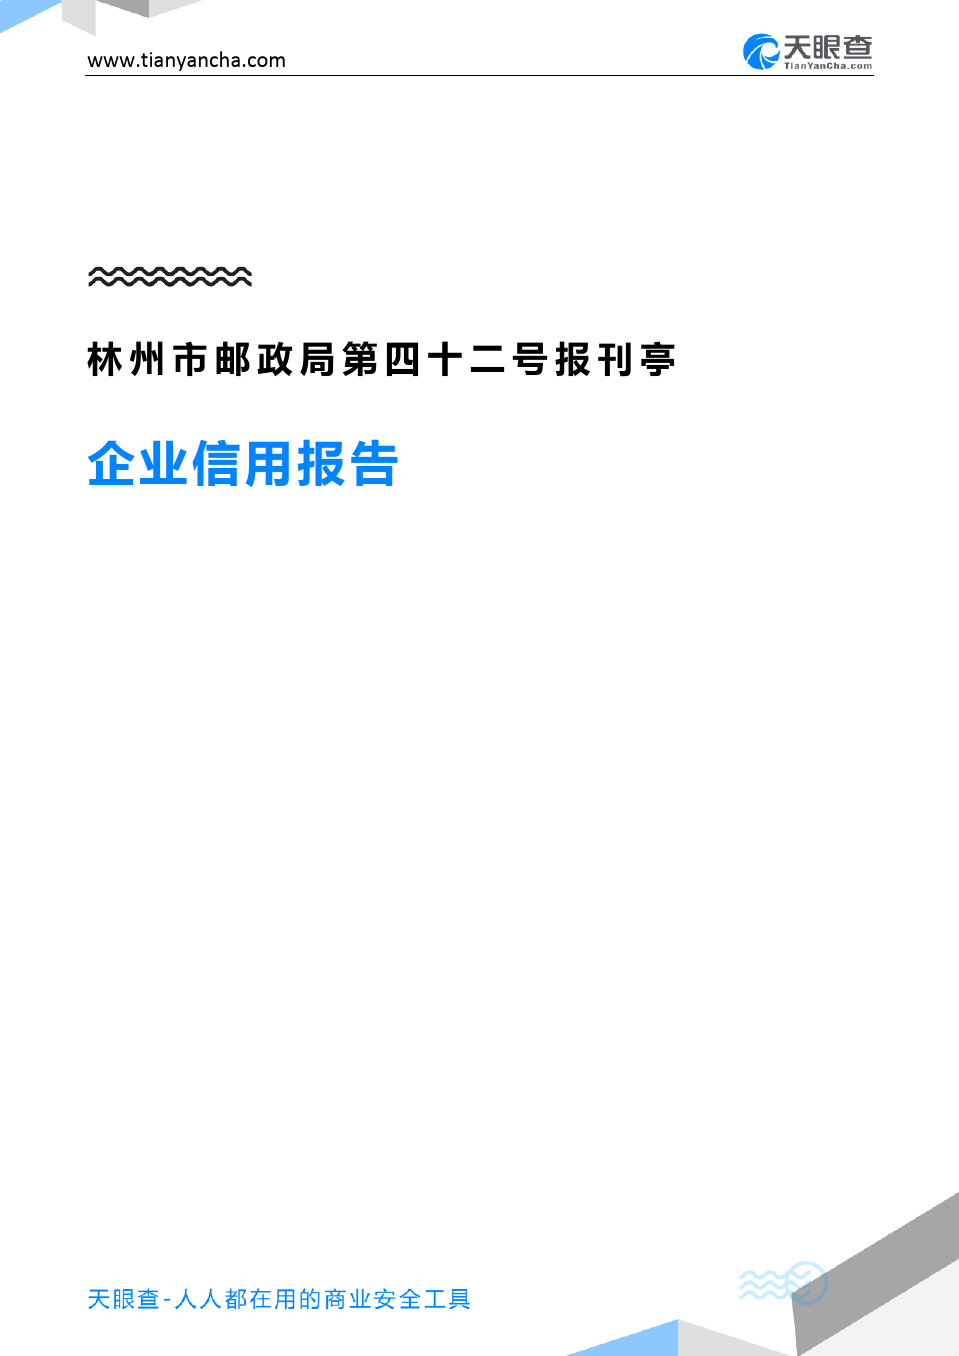 林州市邮政局第四十二号报刊亭企业信用报告-天眼查